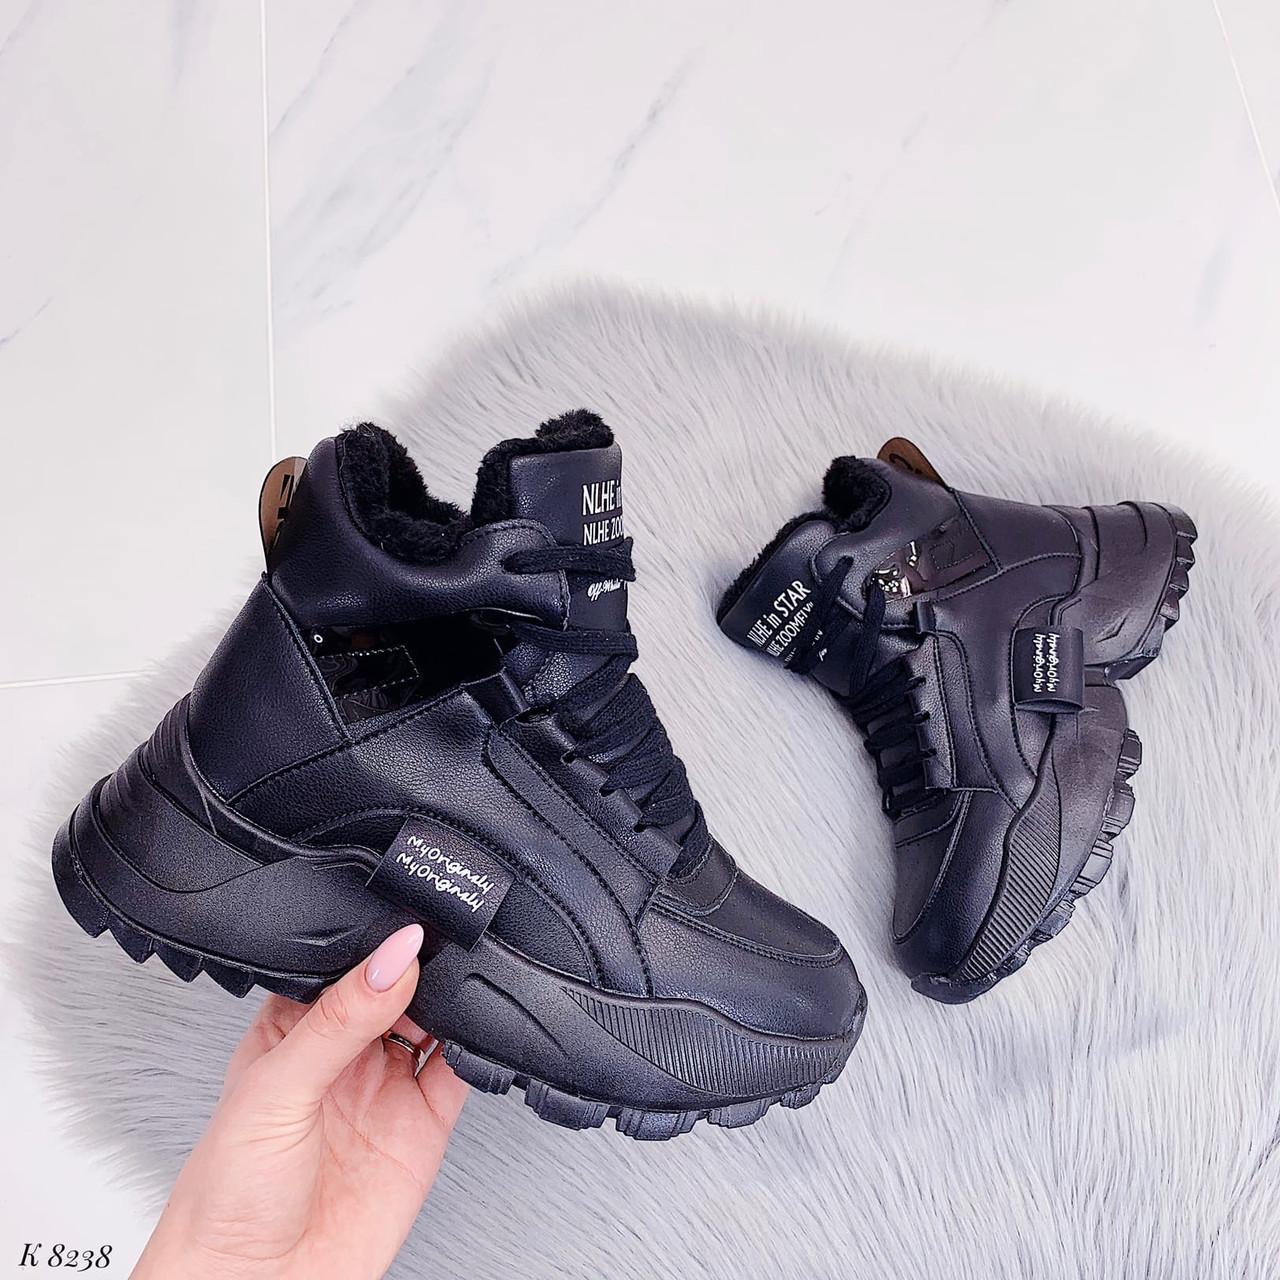 23 см Ботинки женские зимние зима черные на толстой подошве платформе из искусственной кожи кожаные кожа